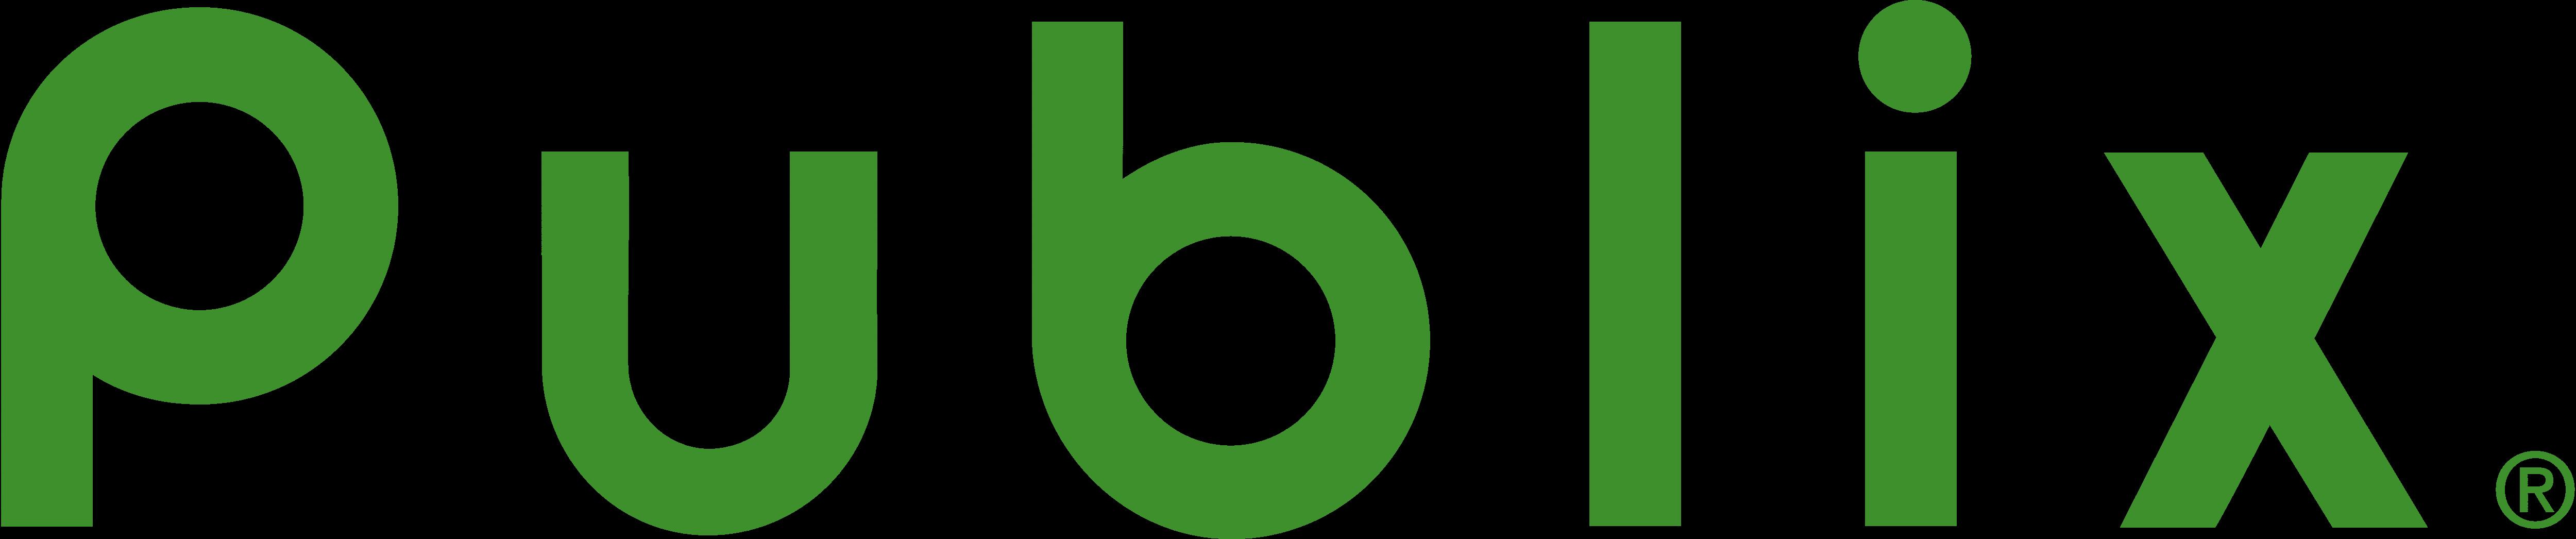 Publix – Logos Download